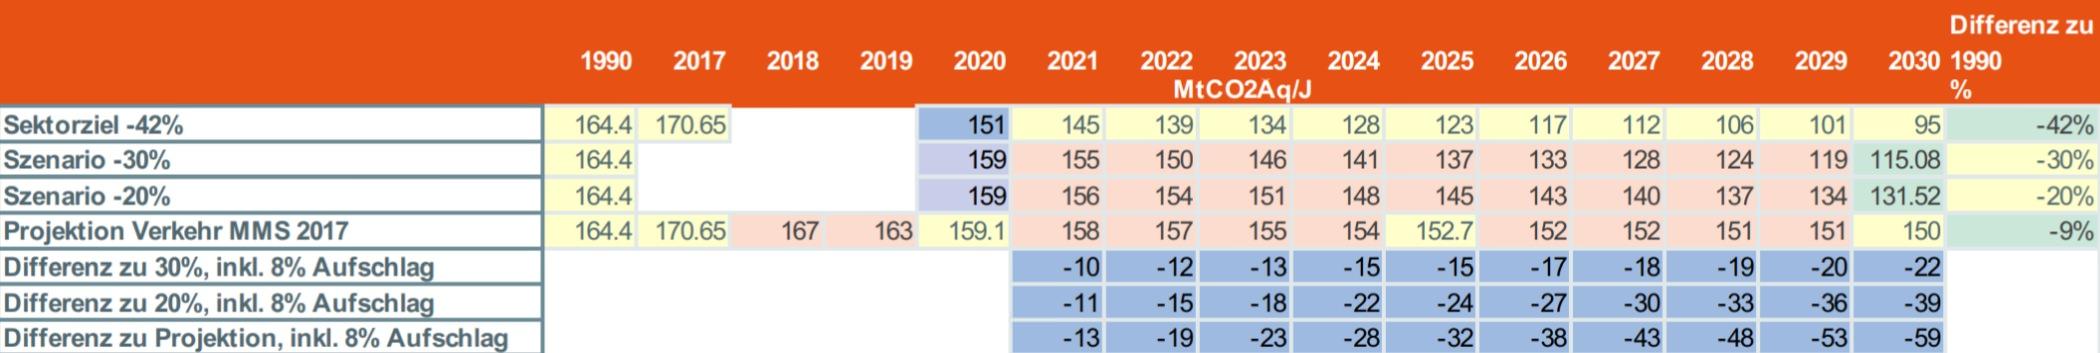 Emissionsreduktion Verkehrssektor Non-ETS 2017 - 2030 1990